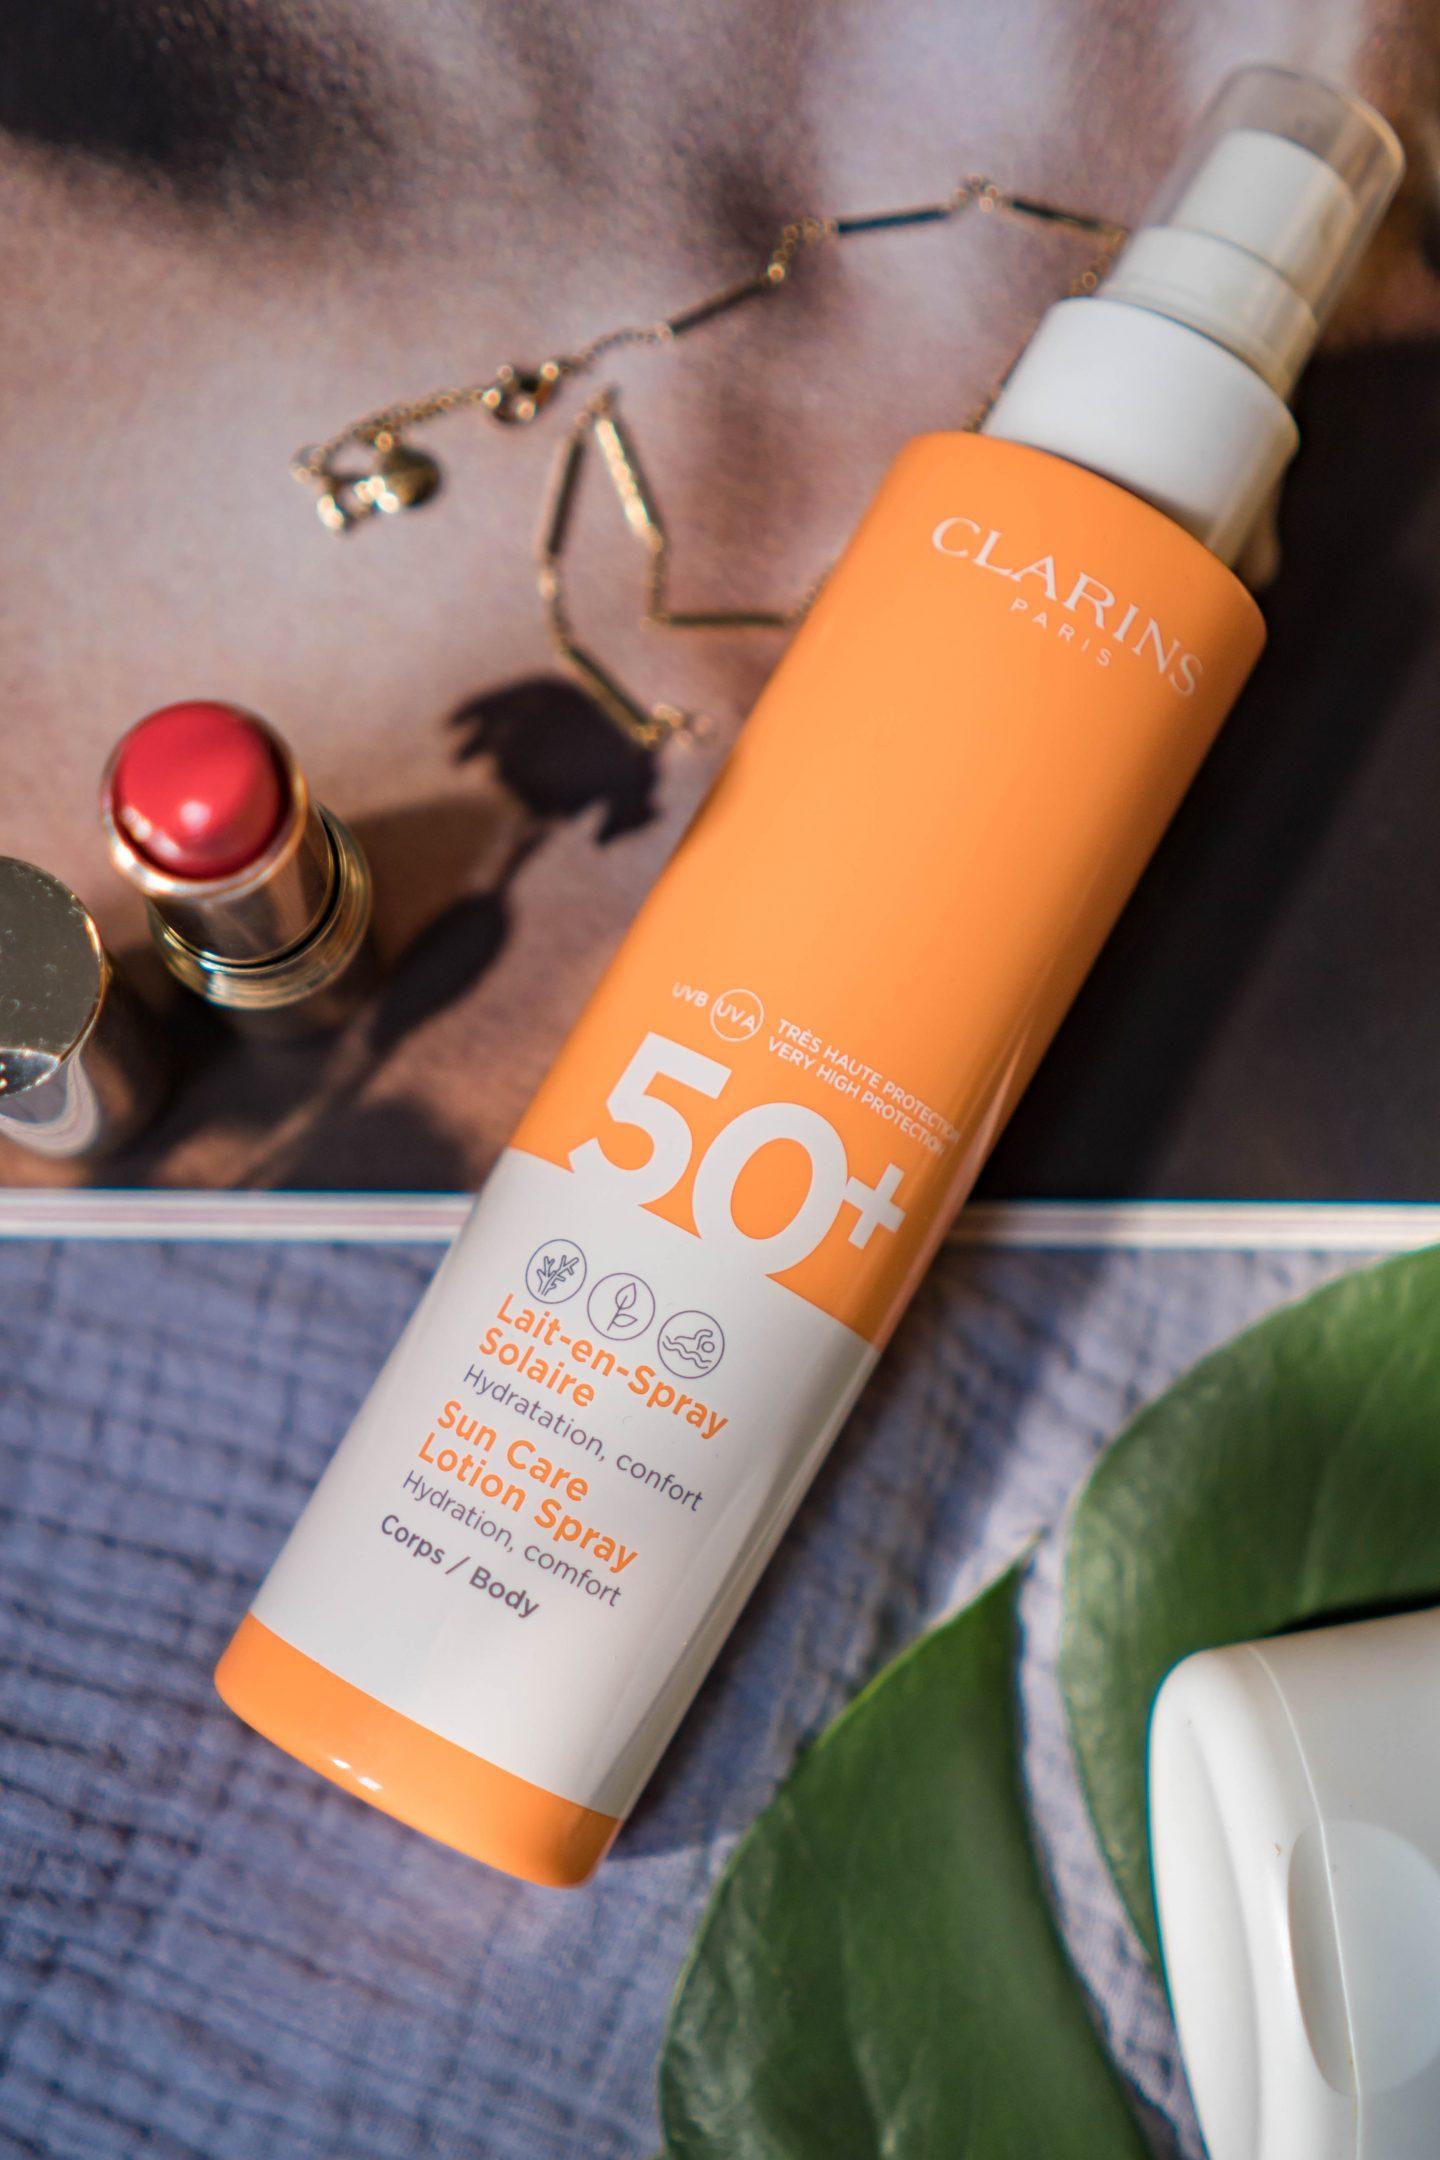 Sun Care Gel-to-Oil/ Gel-en-Huile Solaire von Clarins - Erfahrungen - Nowshine Beauty Blog über 40